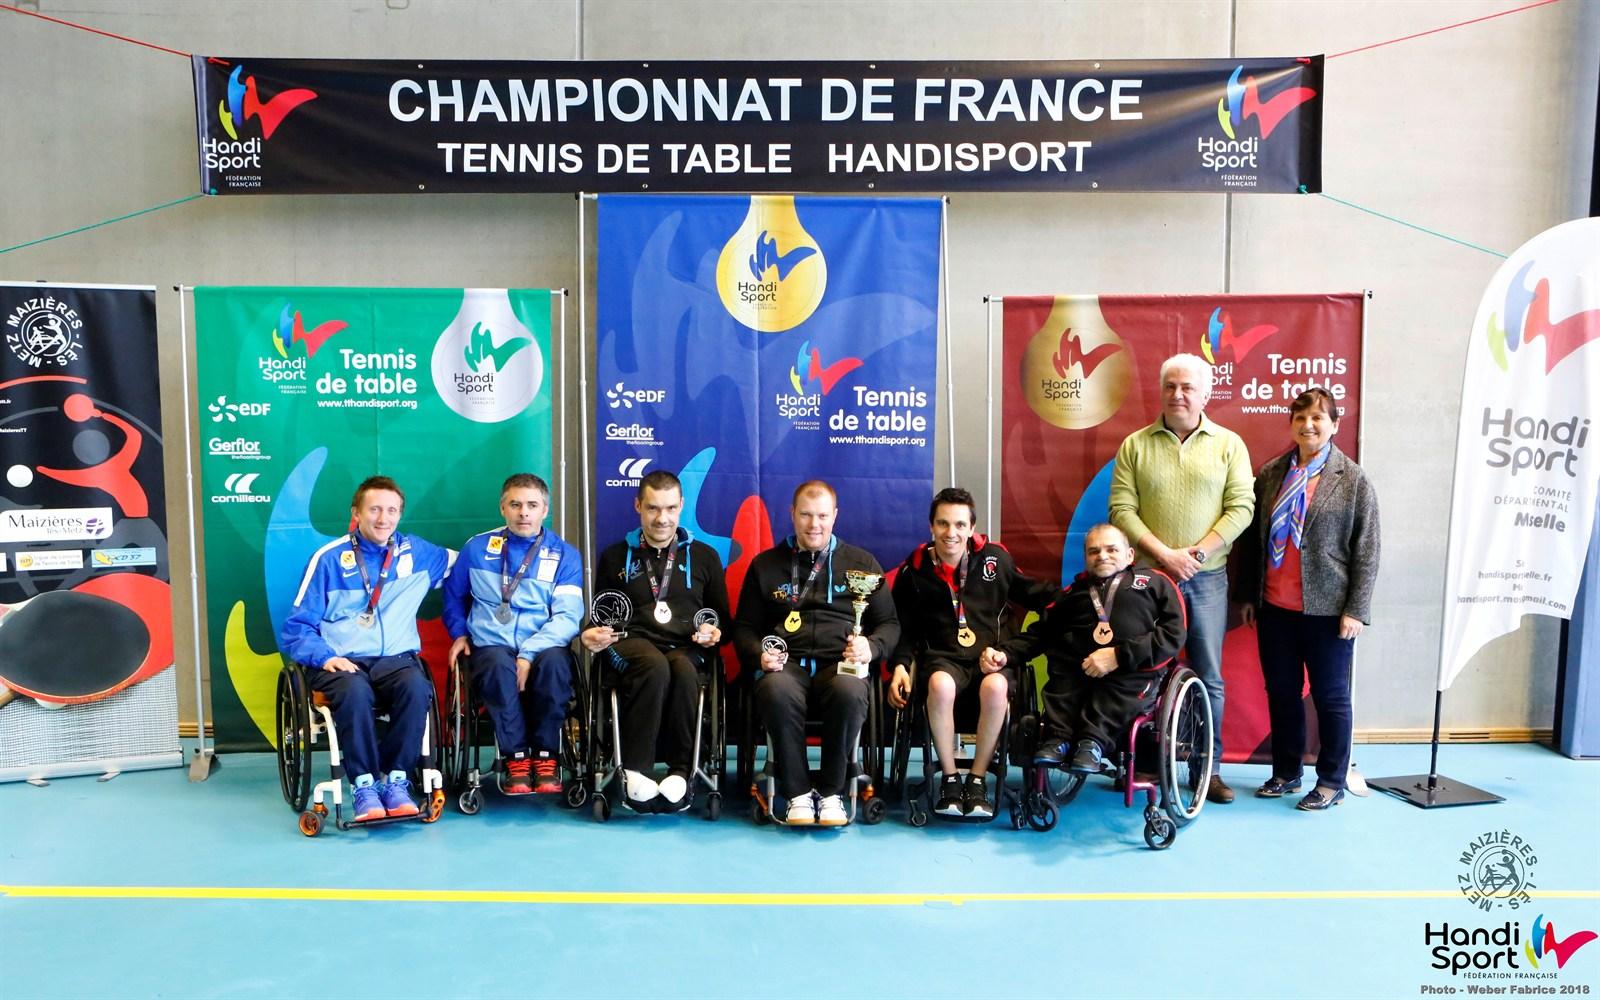 Championnats de France Handisport par équipes 2018 - Classement - Tableau ASSIS | Fabrice WEBER